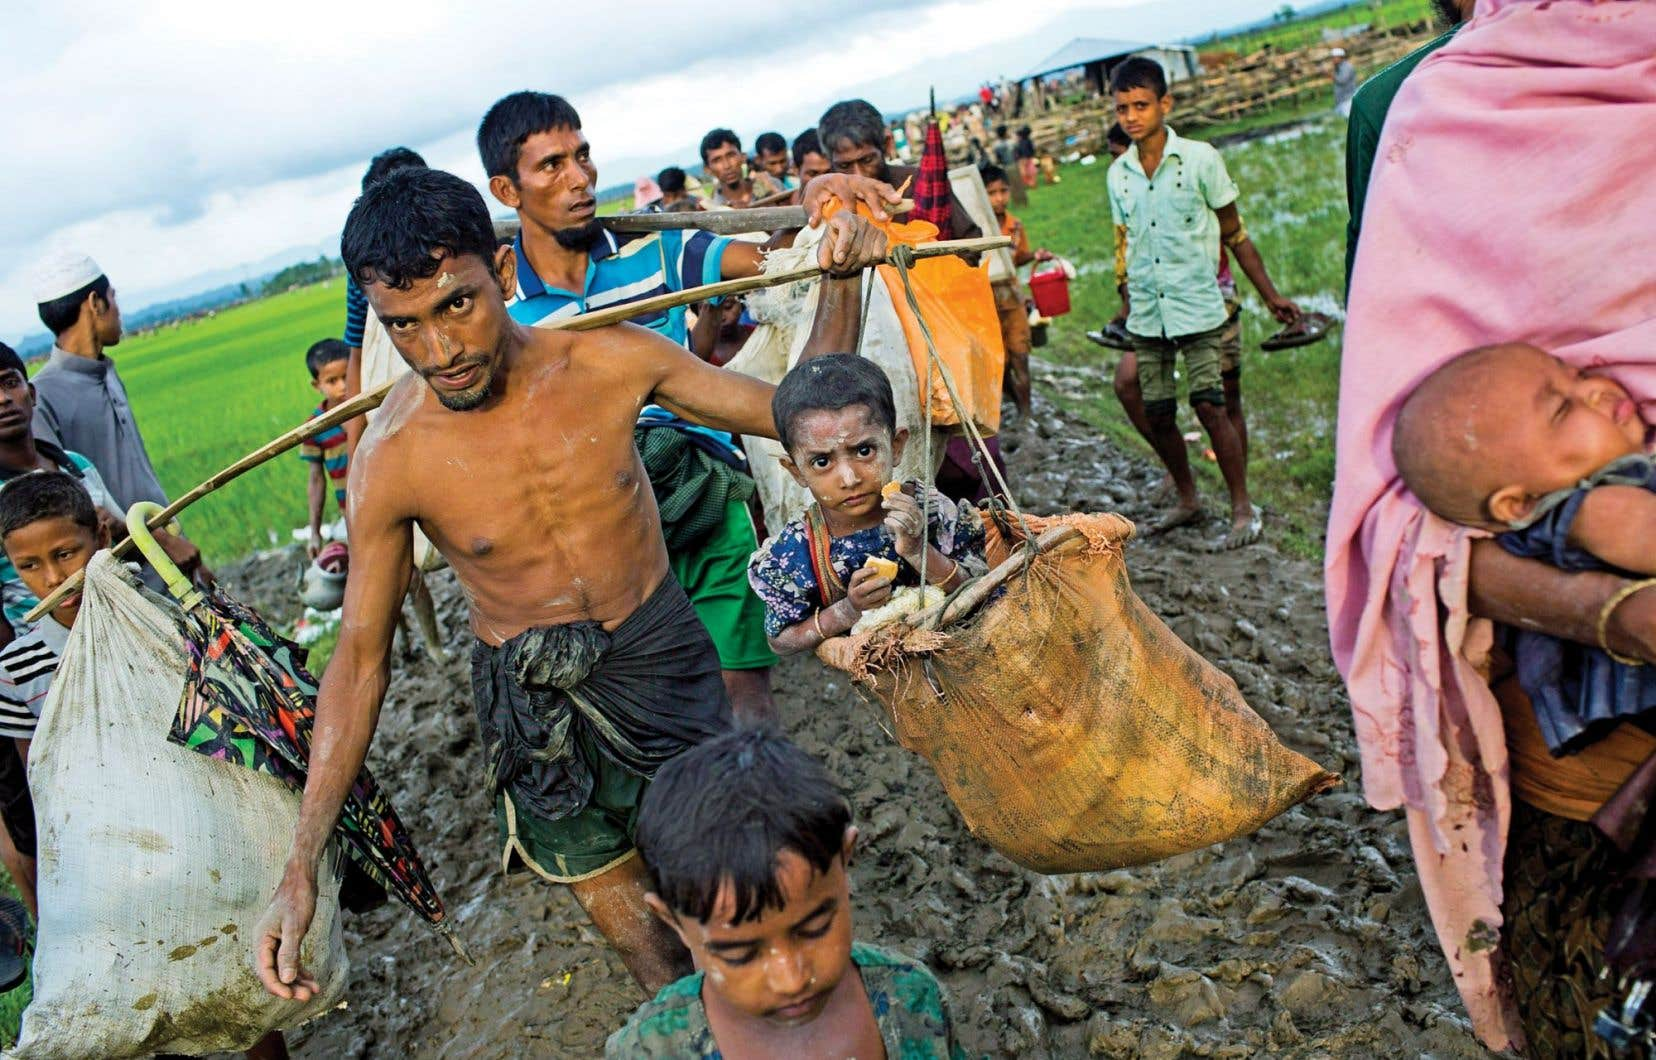 Des dizaines de milliers de Rohingyas ont pris la route de l'exil vers le Bangladesh voisin, à travers les rizières. Plus de 400 000 réfugiés de l'ethnie musulmane, qui ont fui de précédentes vagues de violences, s'y trouvent déjà. Mais le Bangladesh, qui ne peut en accueillir davantage, a fermé sa frontière.